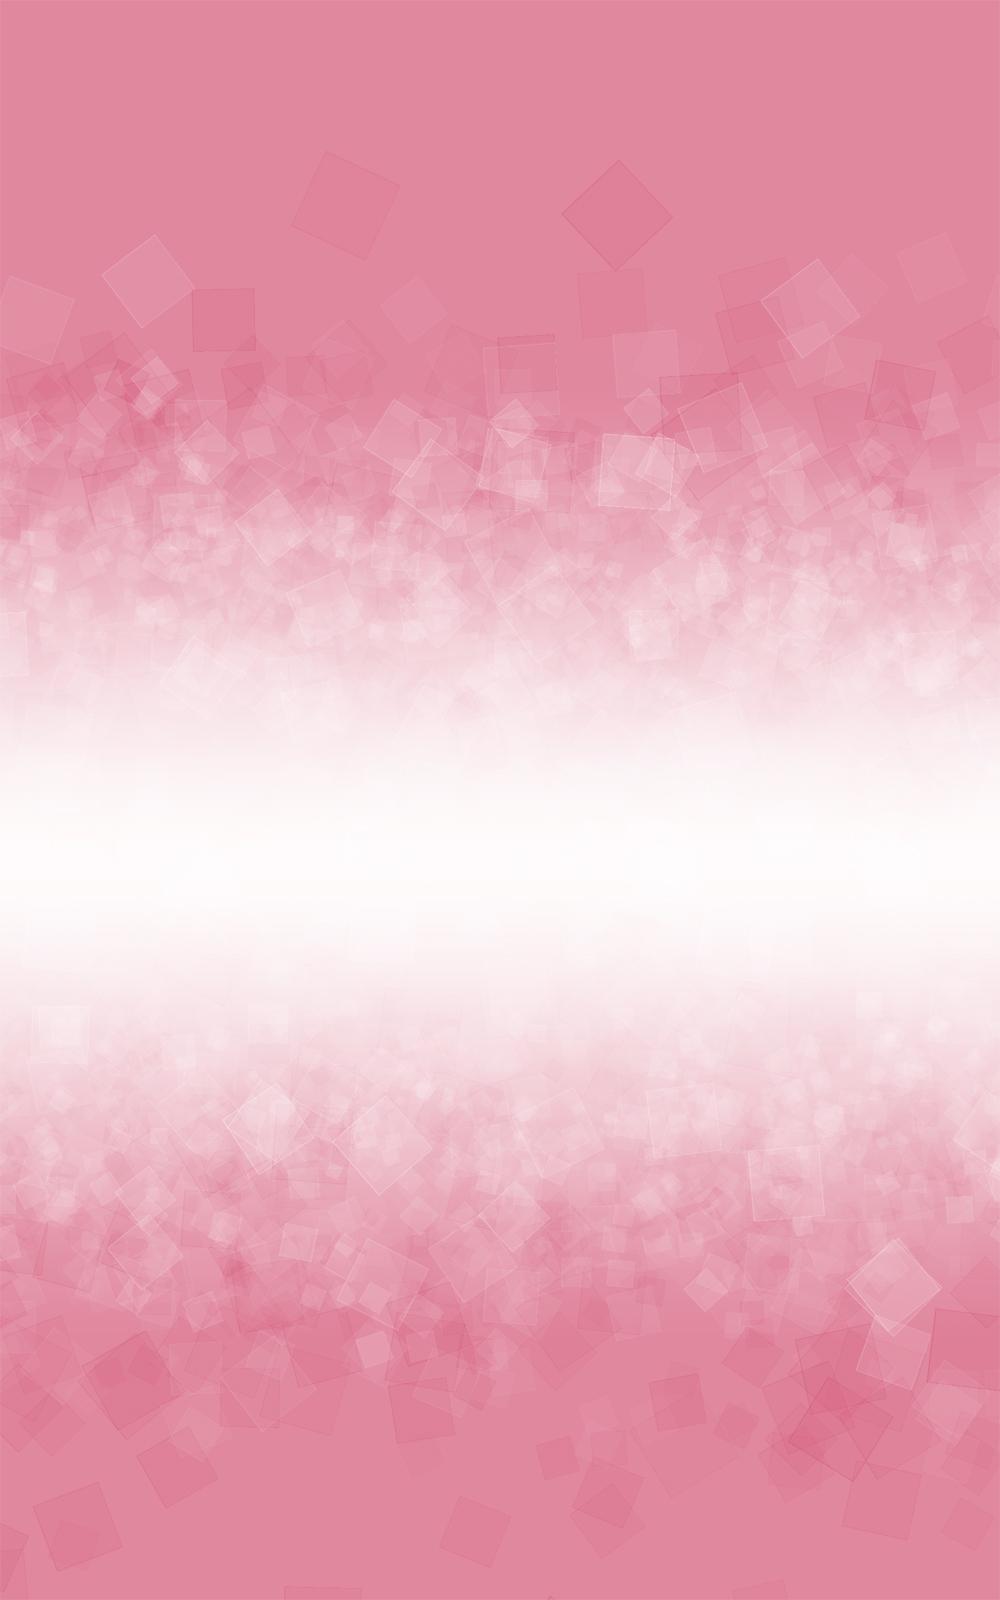 キラキラした抽象的な表紙画像(3a)